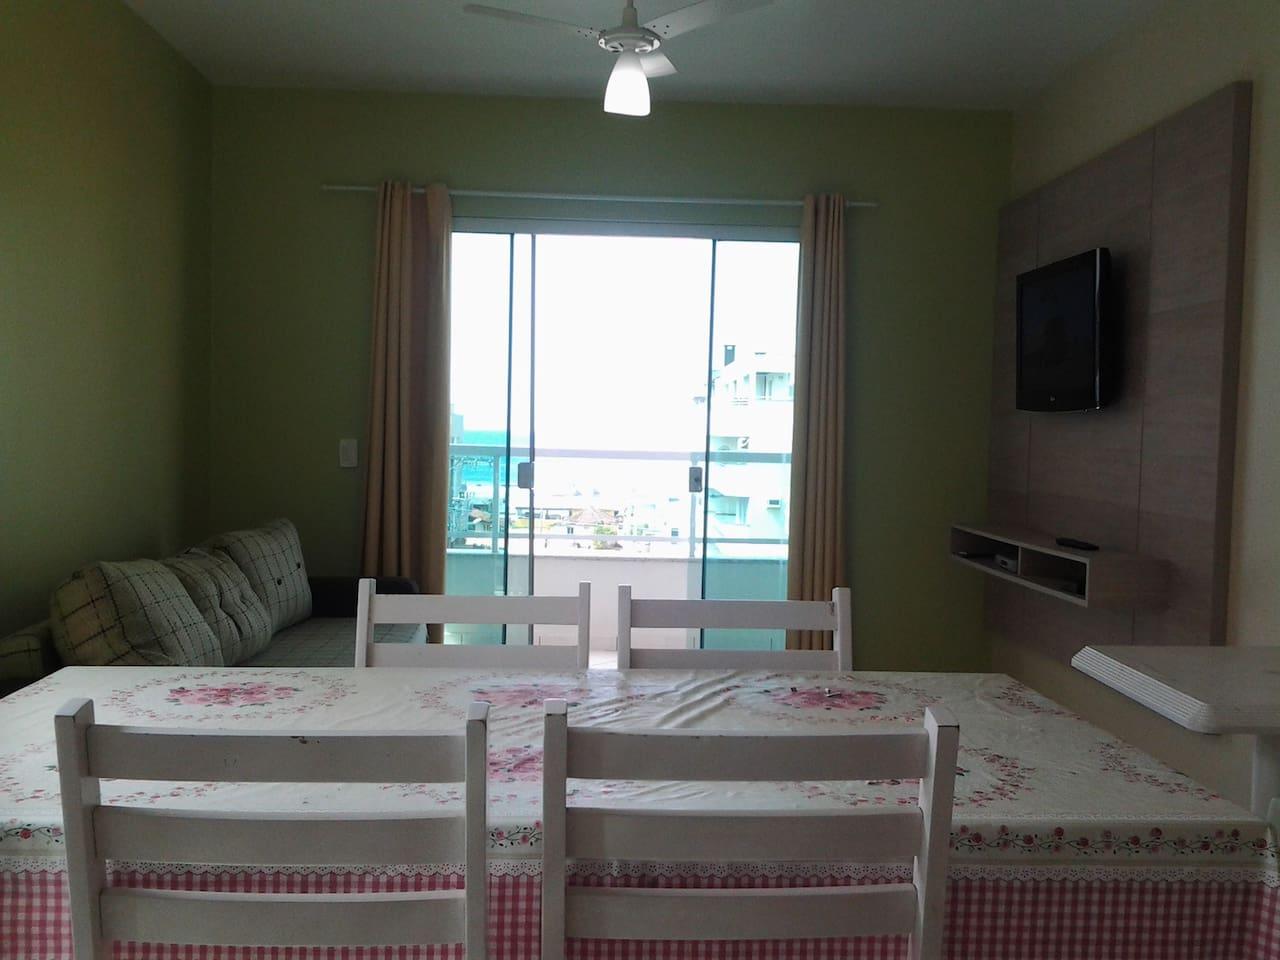 Apartamento em Bombas, bem localizado fica aproximadamente 100 metros da Praia, Sacada com vista pro mar